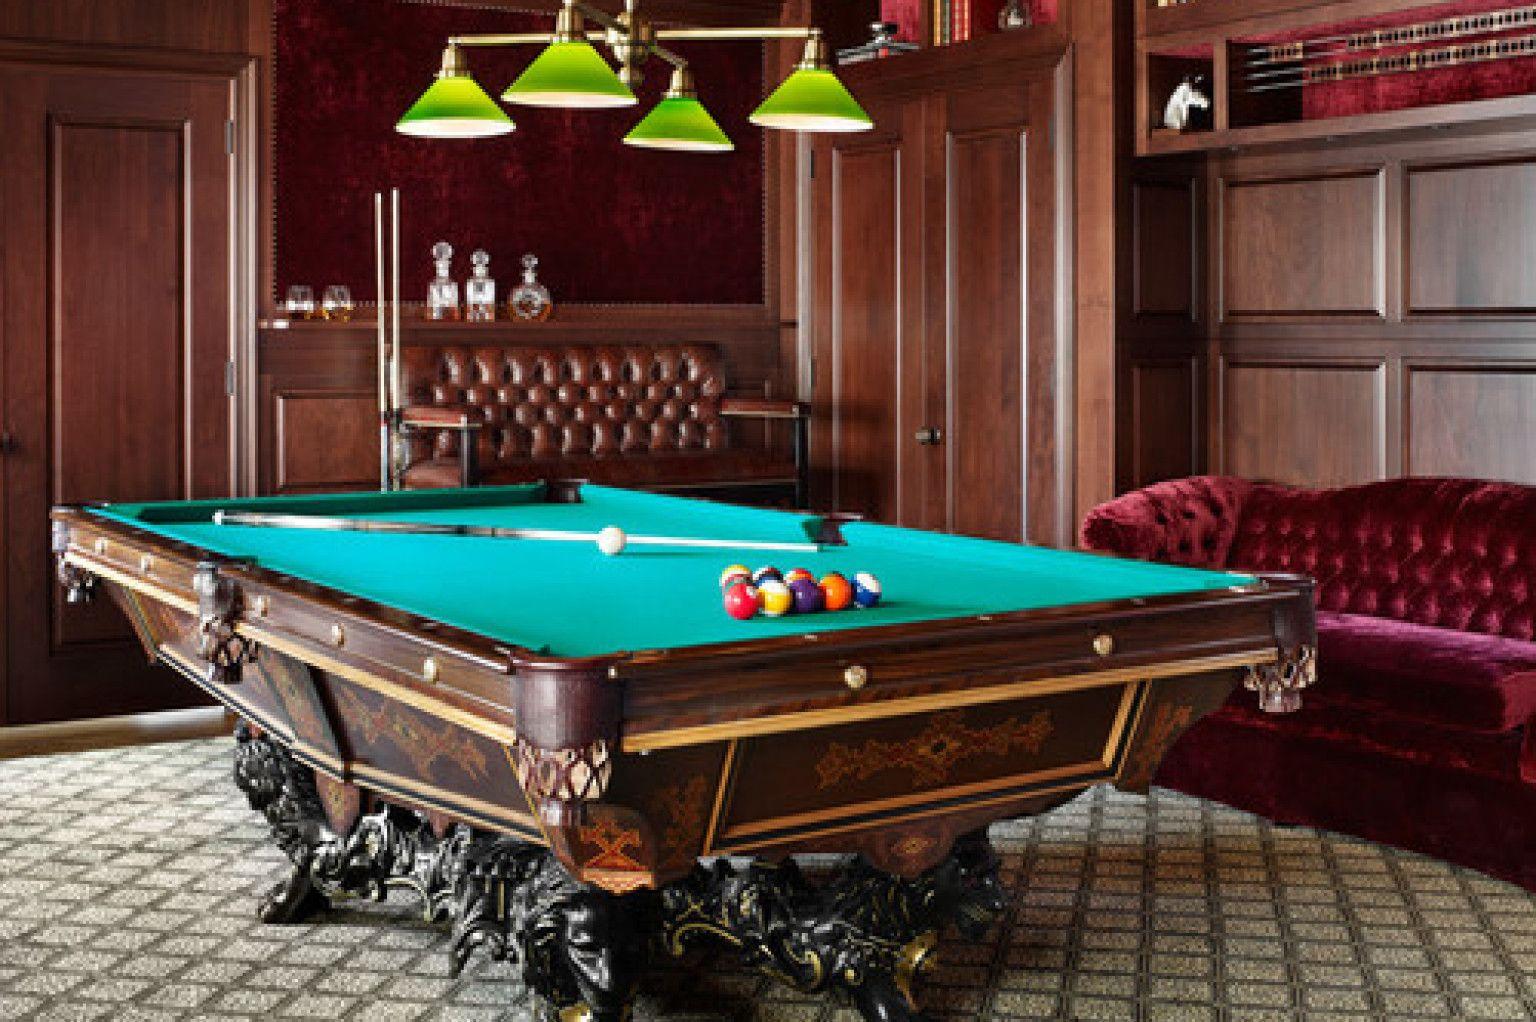 PHOTOS 15 Billiards Rooms Weu0027d Love In